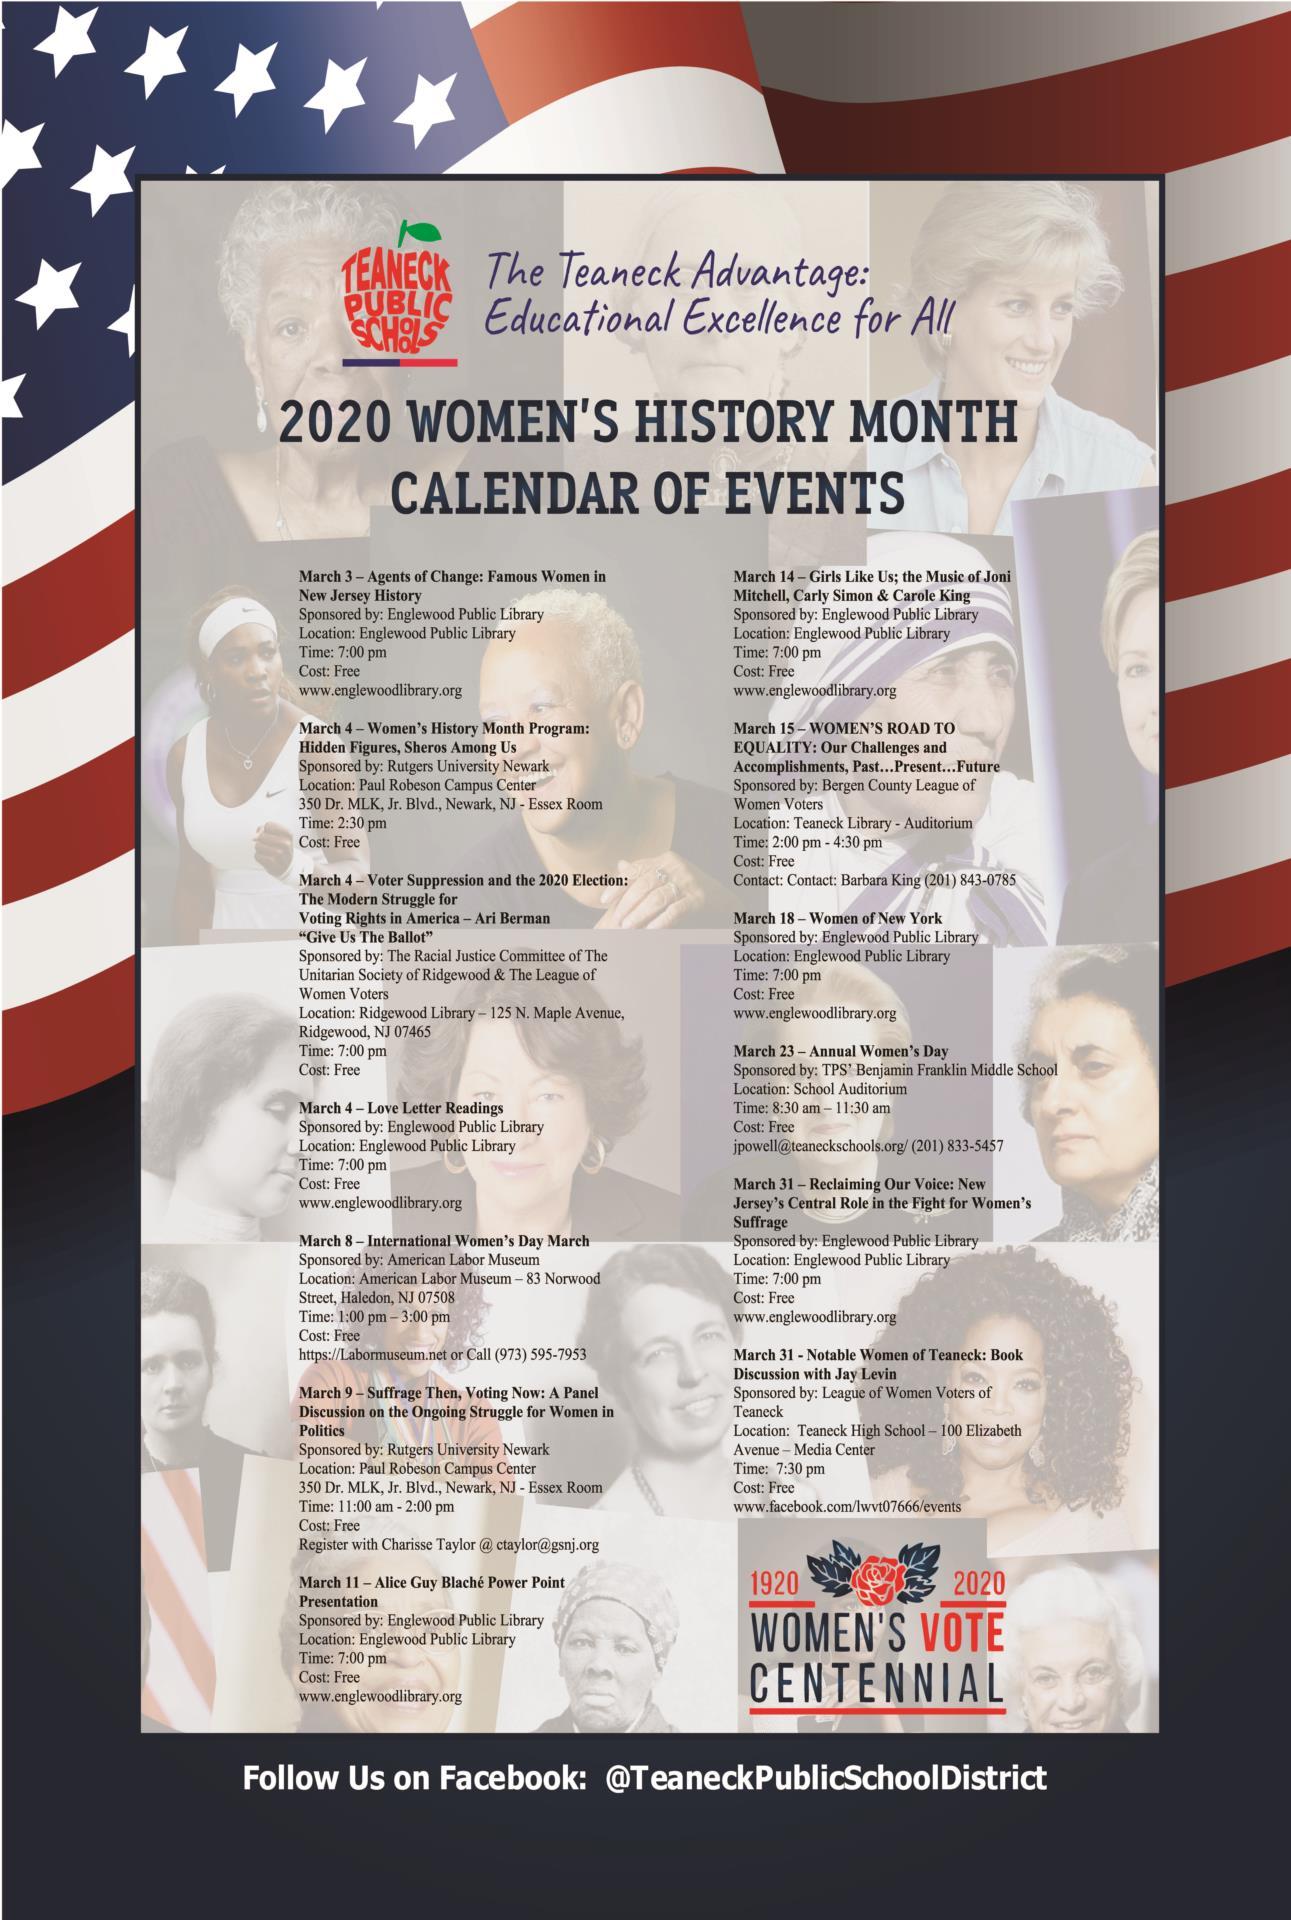 2020 Women's History Month Calendar